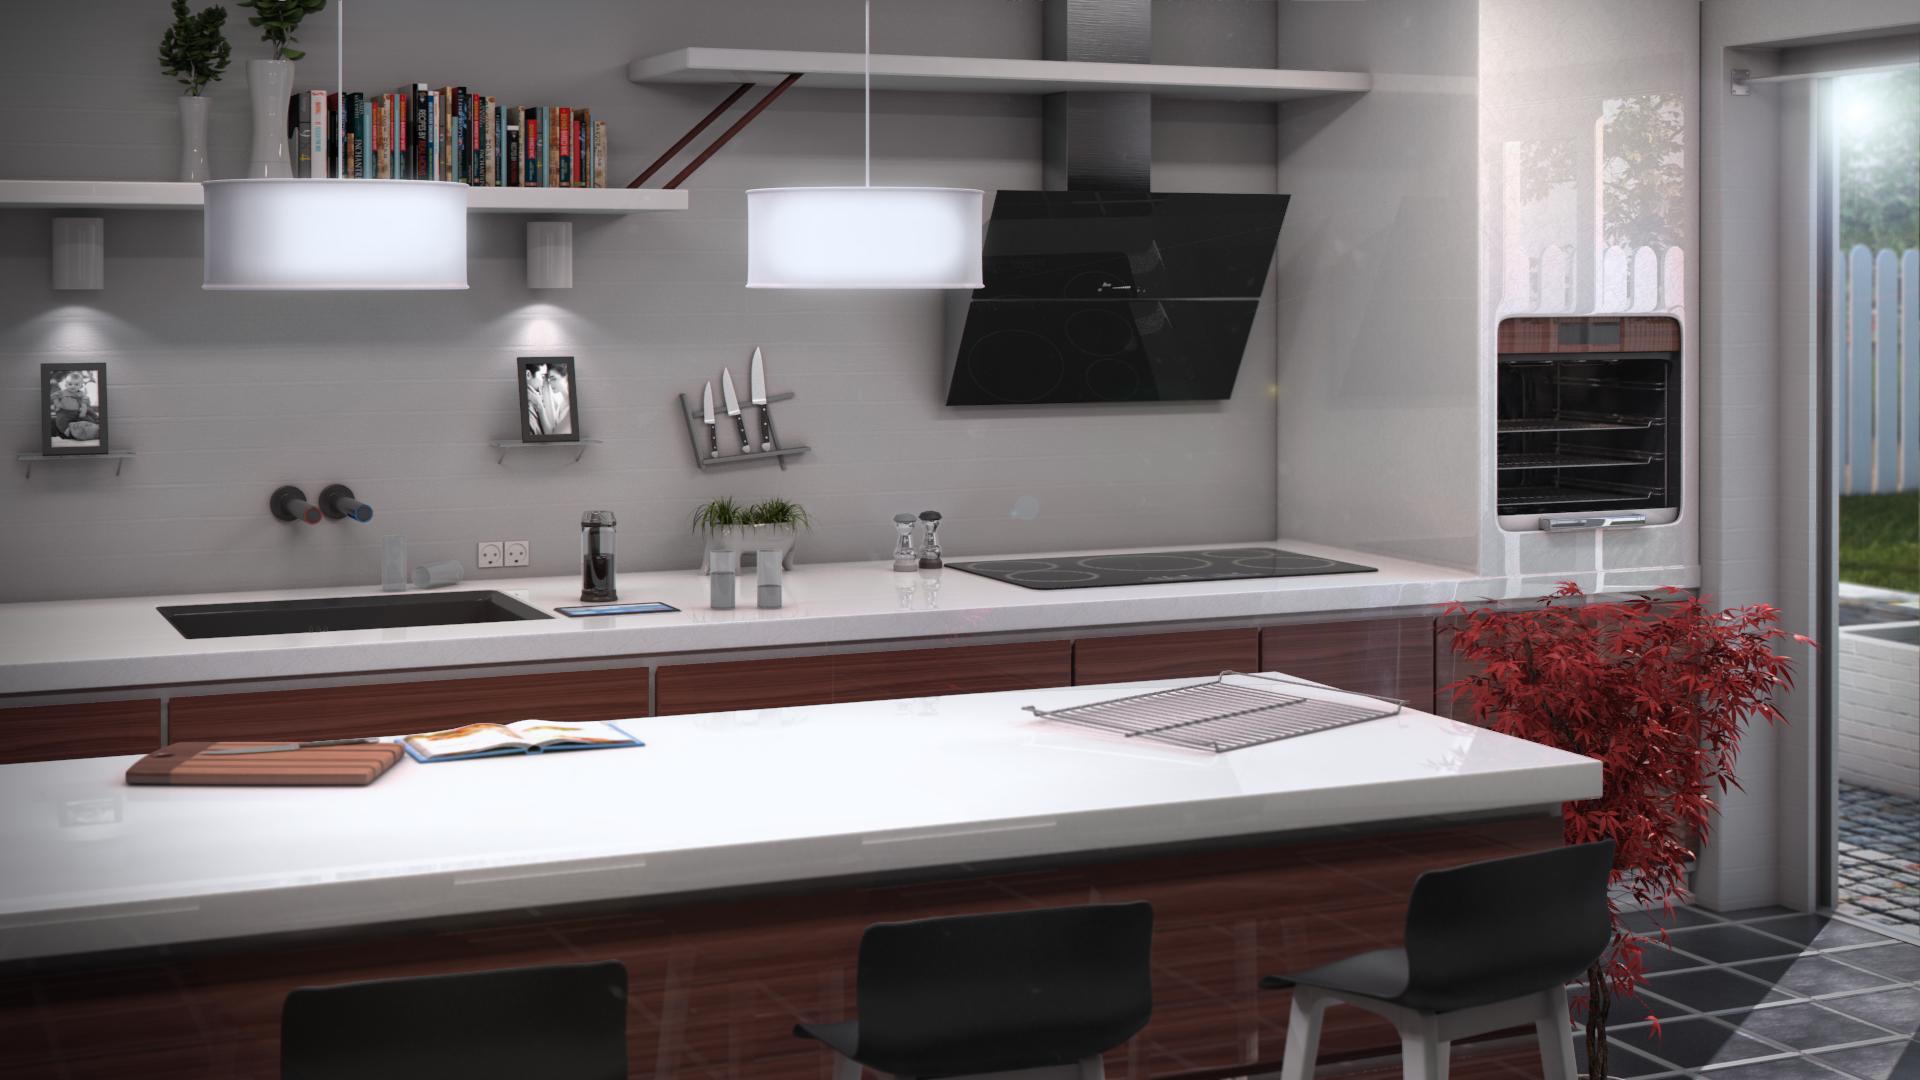 ... Kitchen Interior Render Finished Design!! By Qutiix